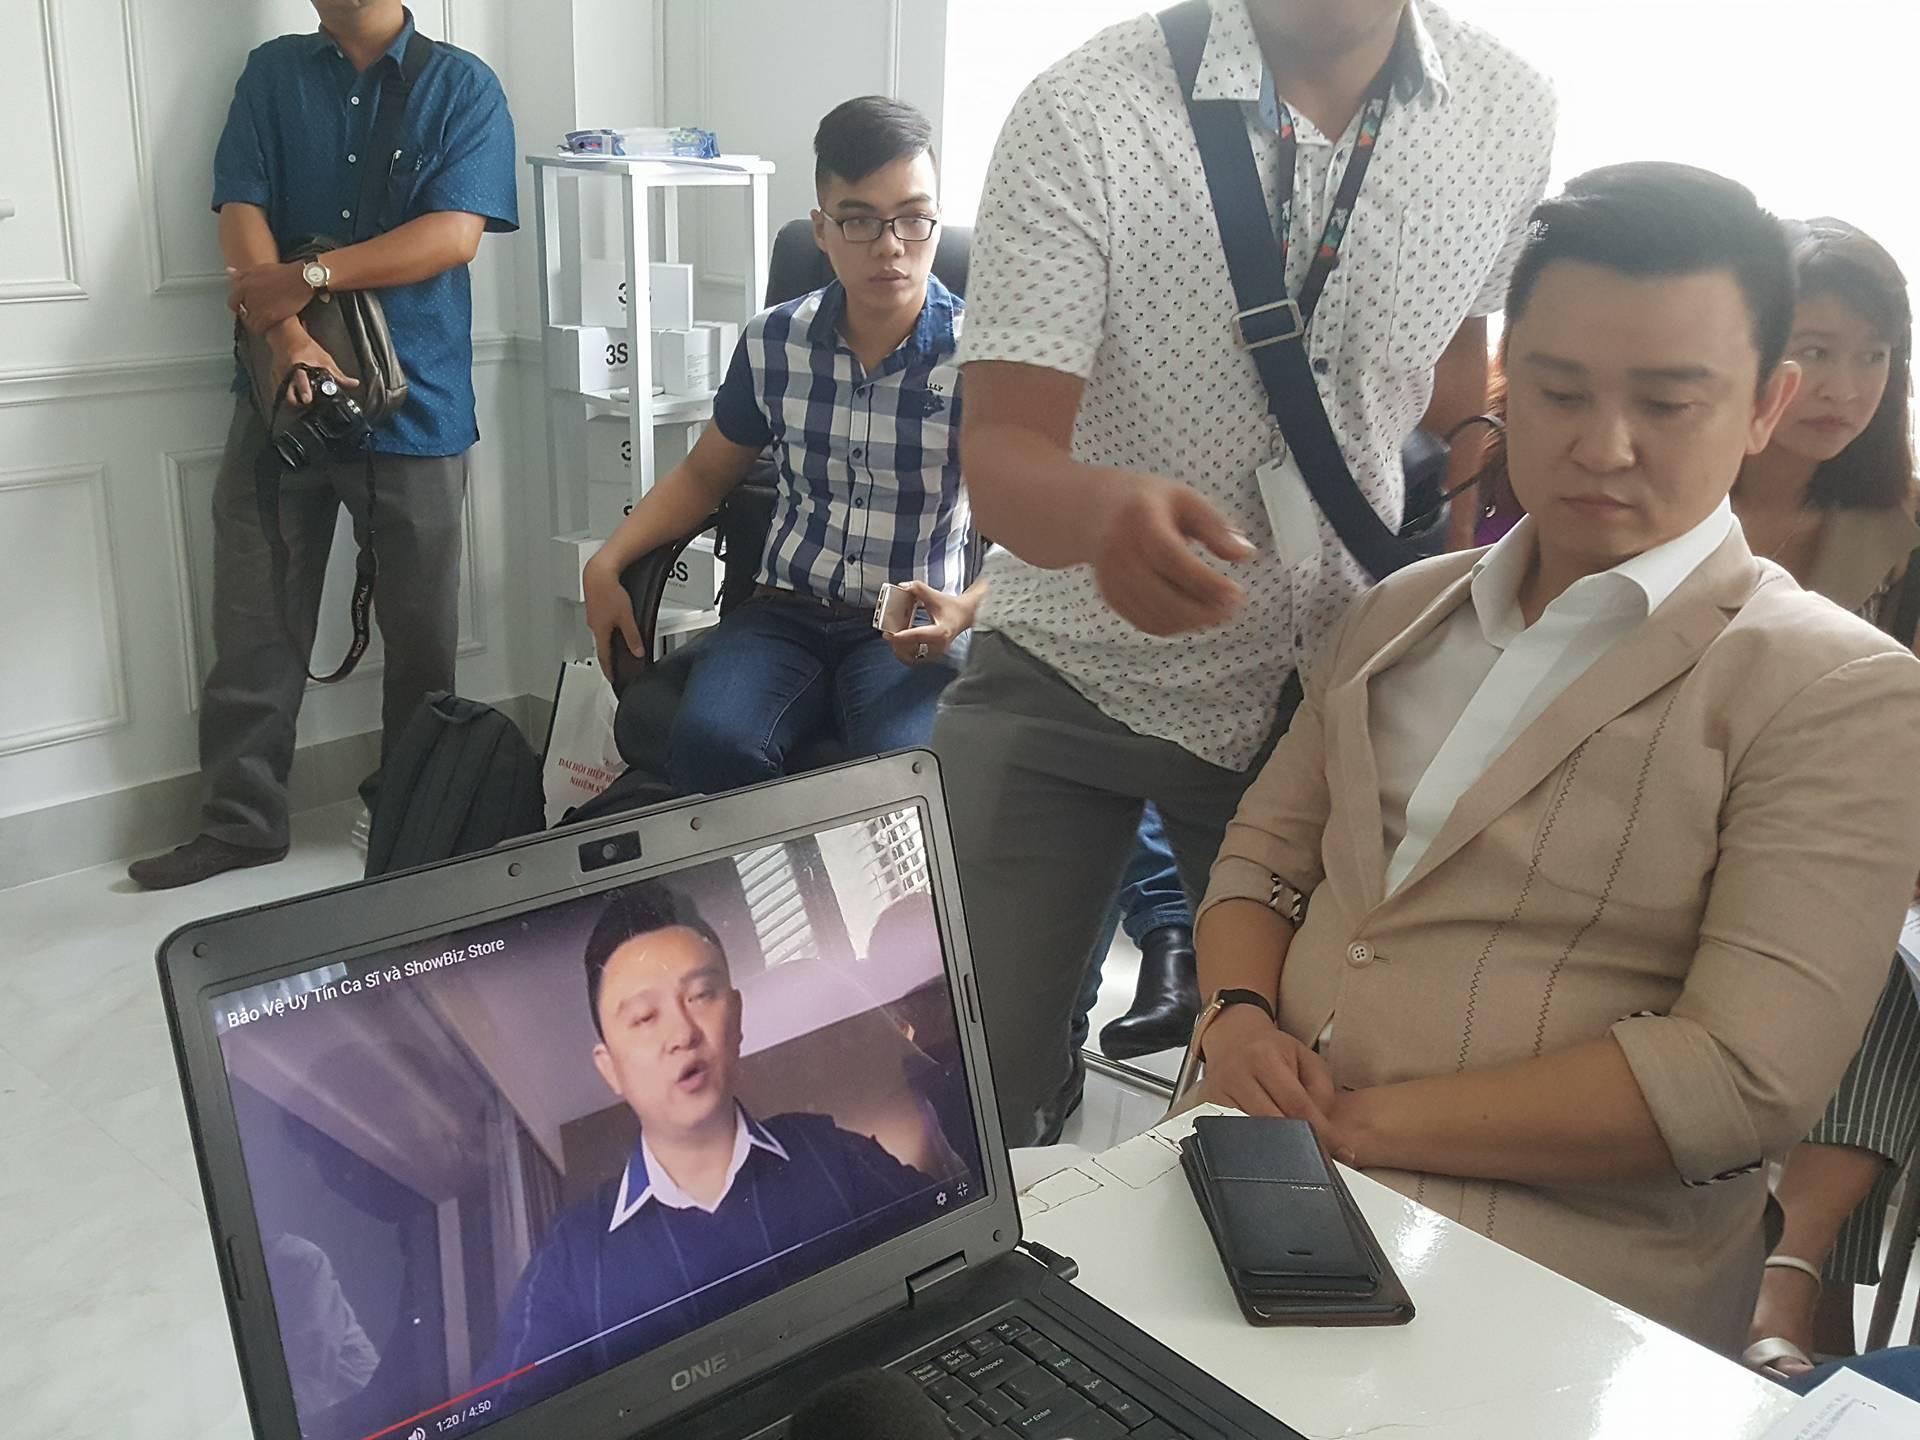 """Ông Diệp Khắc Cường: """"Tôi và Đàm Vĩnh Hưng bị iFan lợi dụng hình ảnh để lừa đảo"""" - Ảnh 2."""